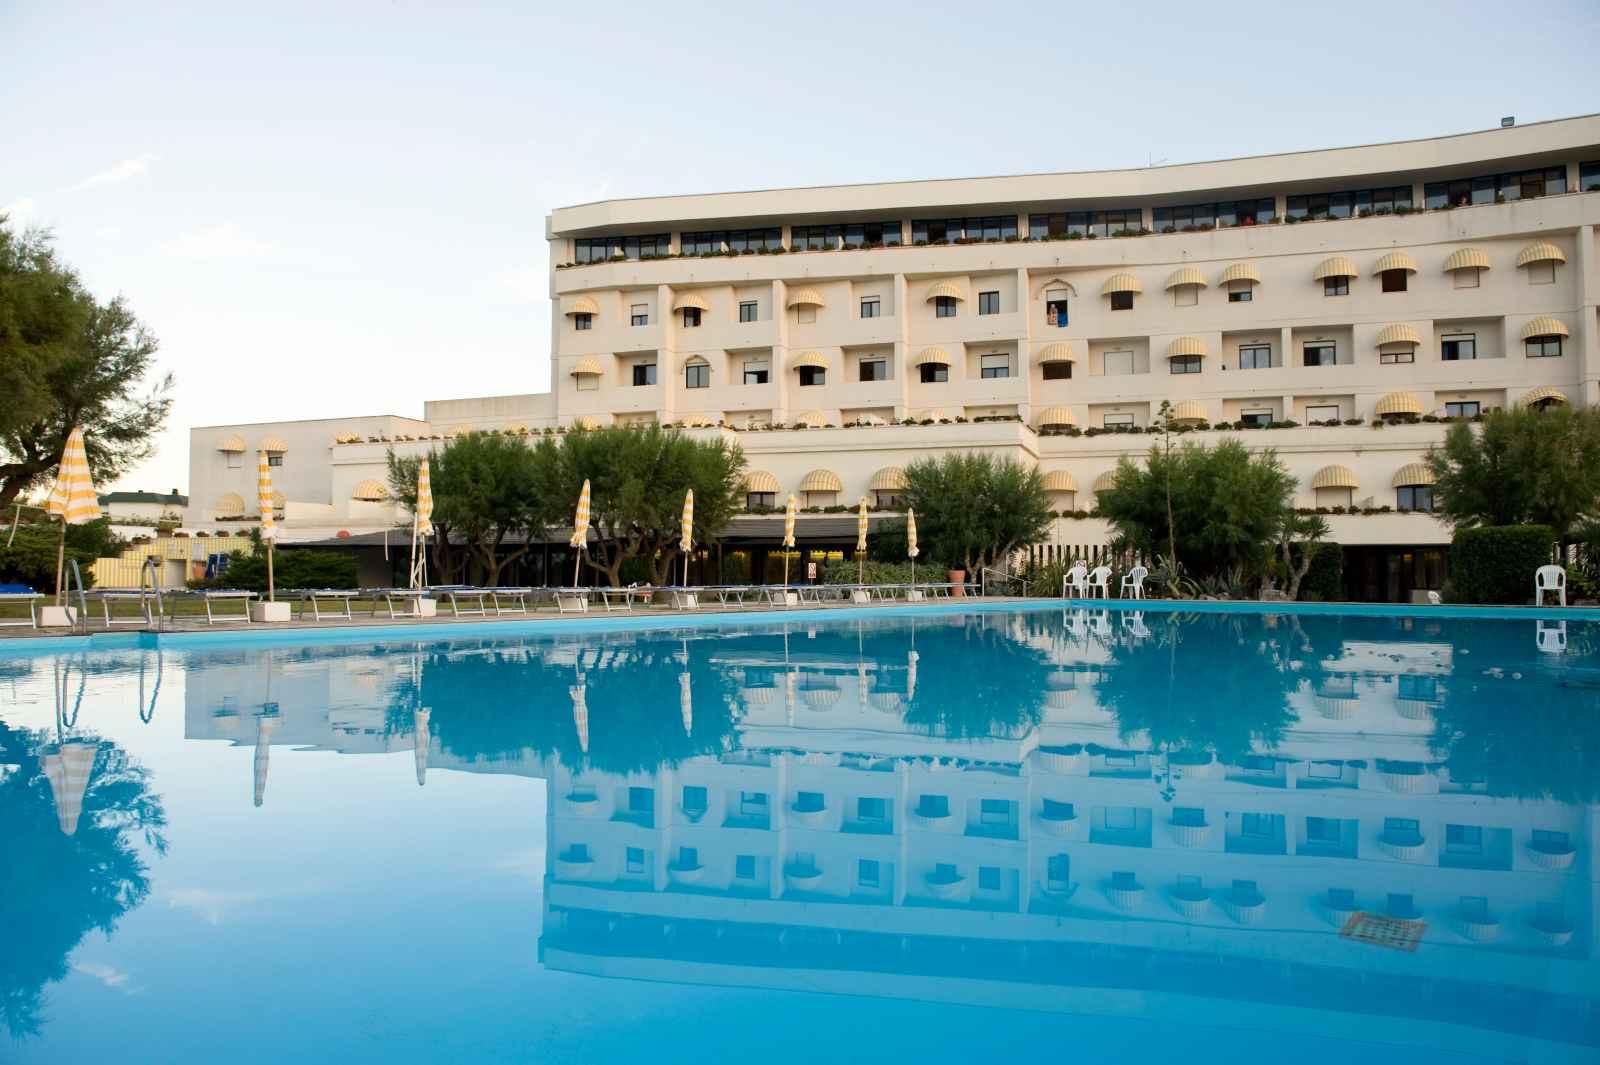 Séjour Italie - Hotel Del Levante - 4*